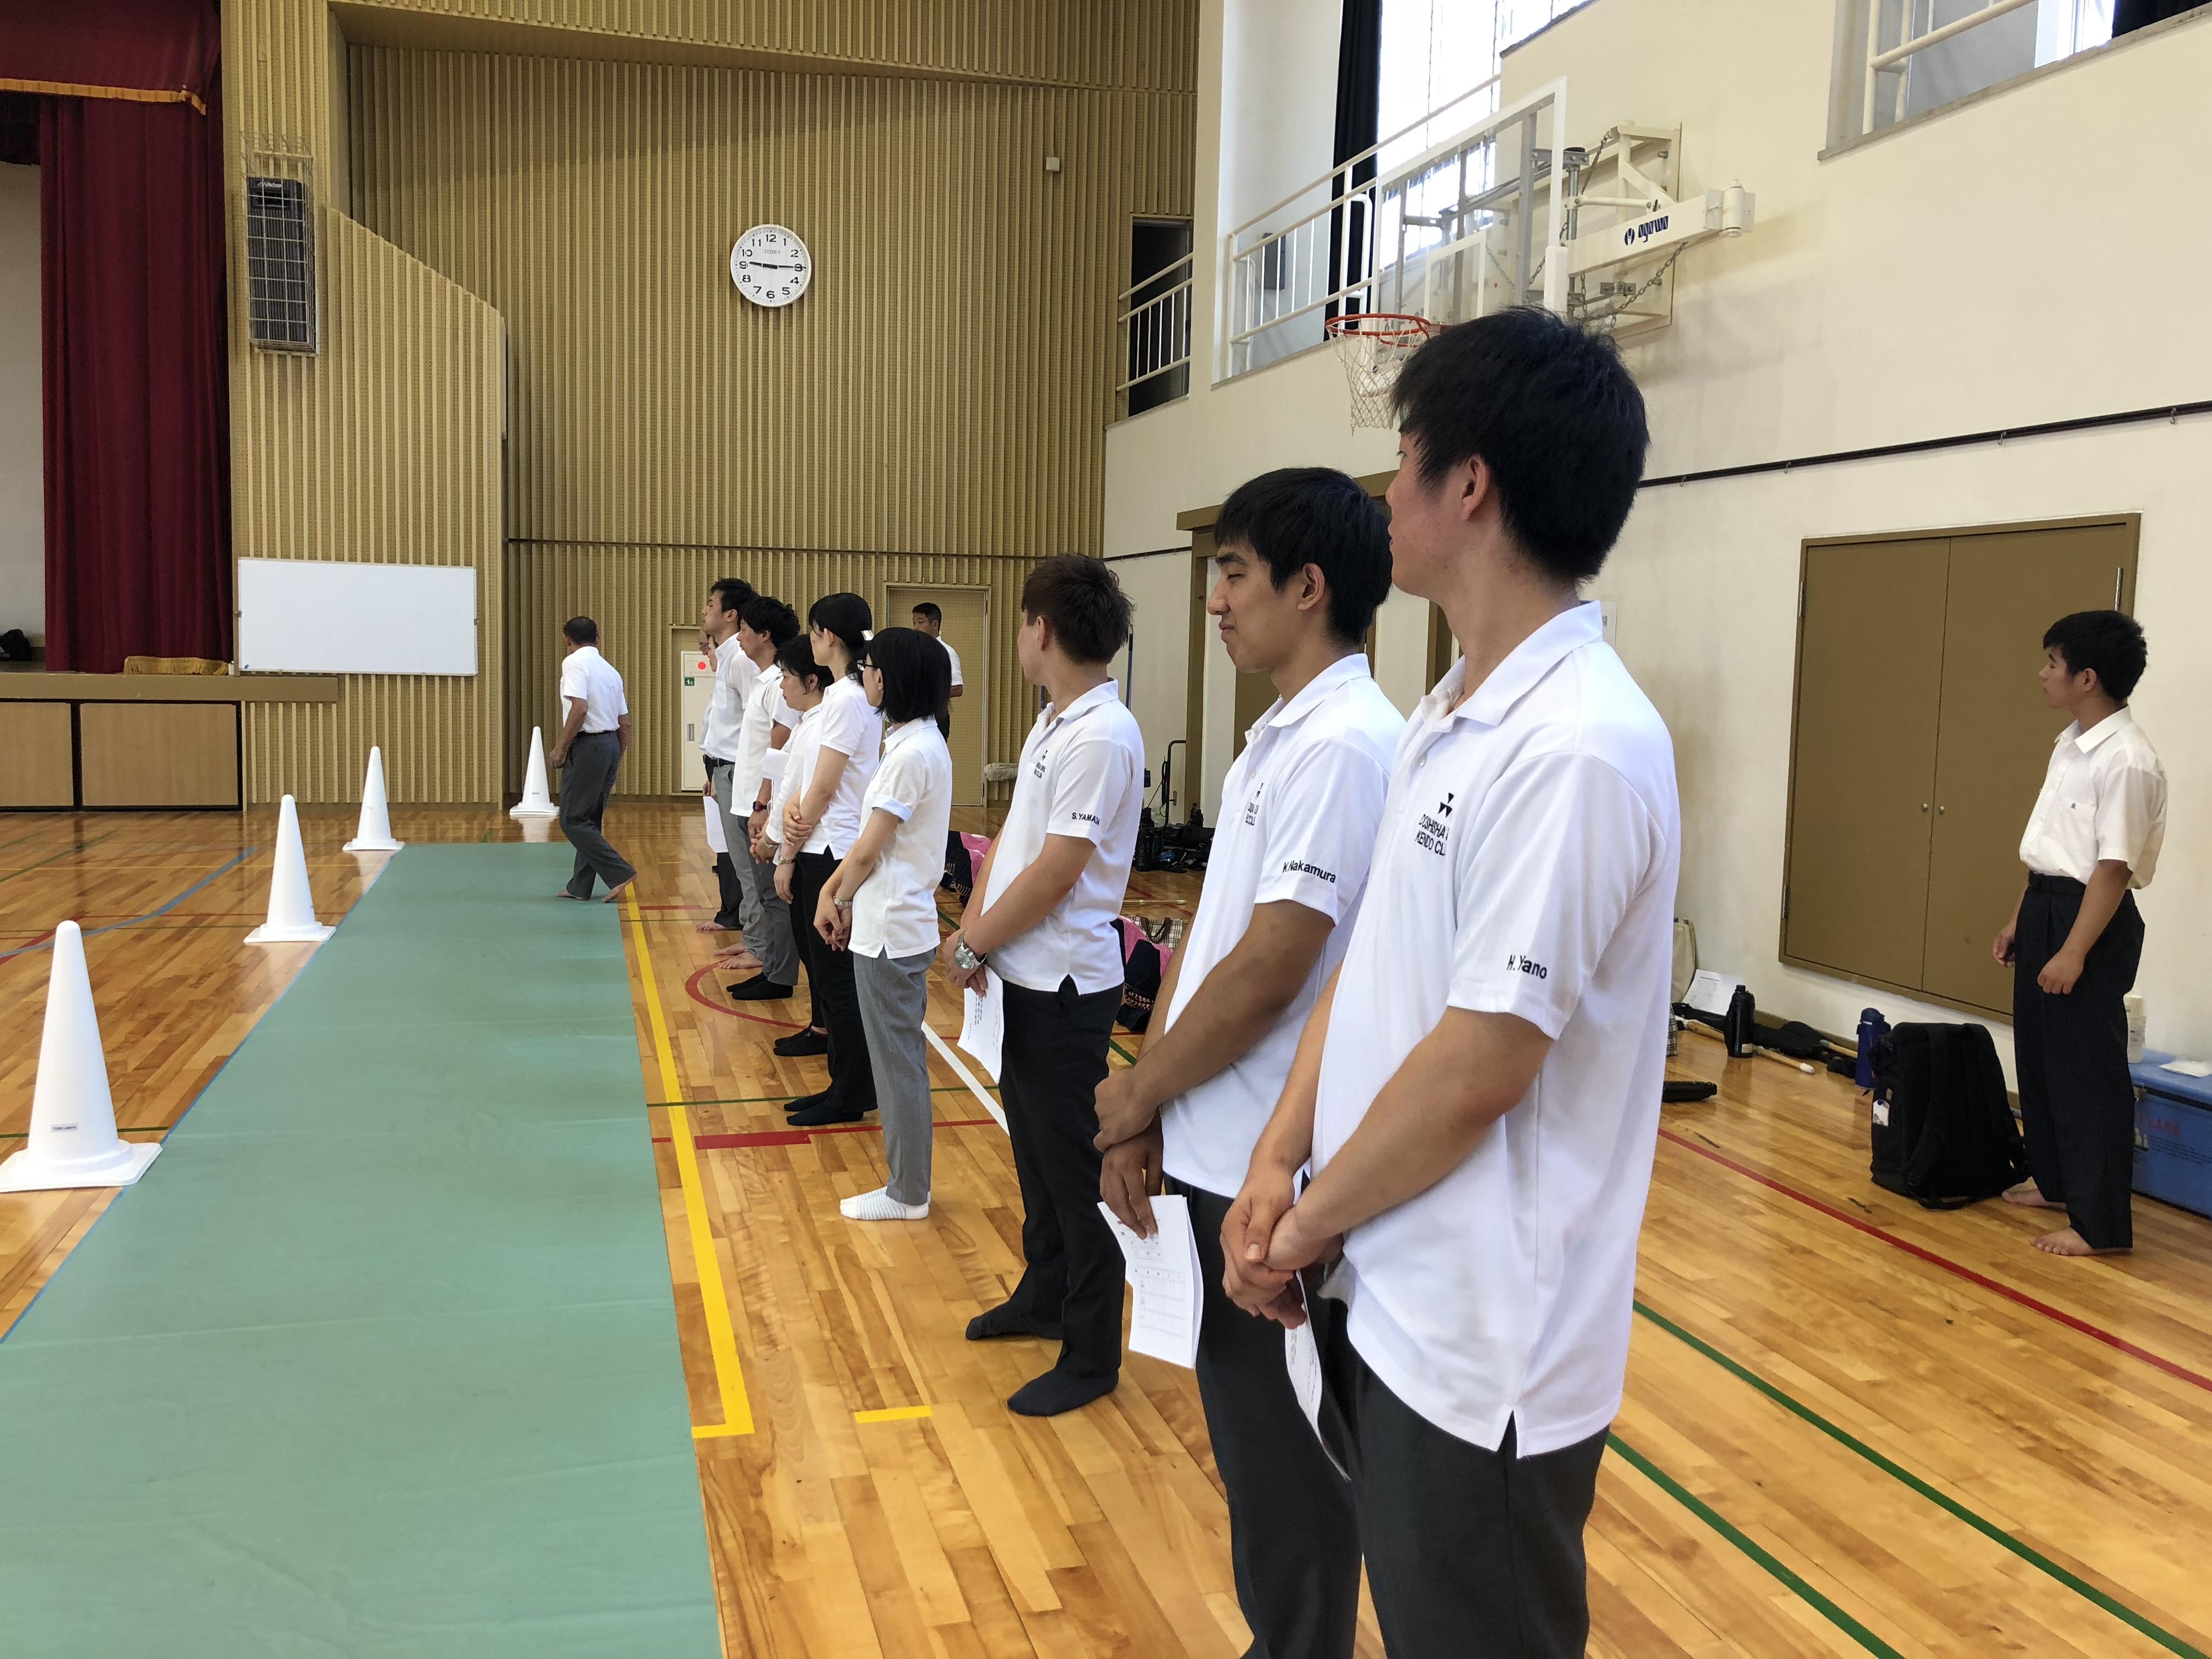 【活動報告】相楽地方中学 審判!(2018.07.21)